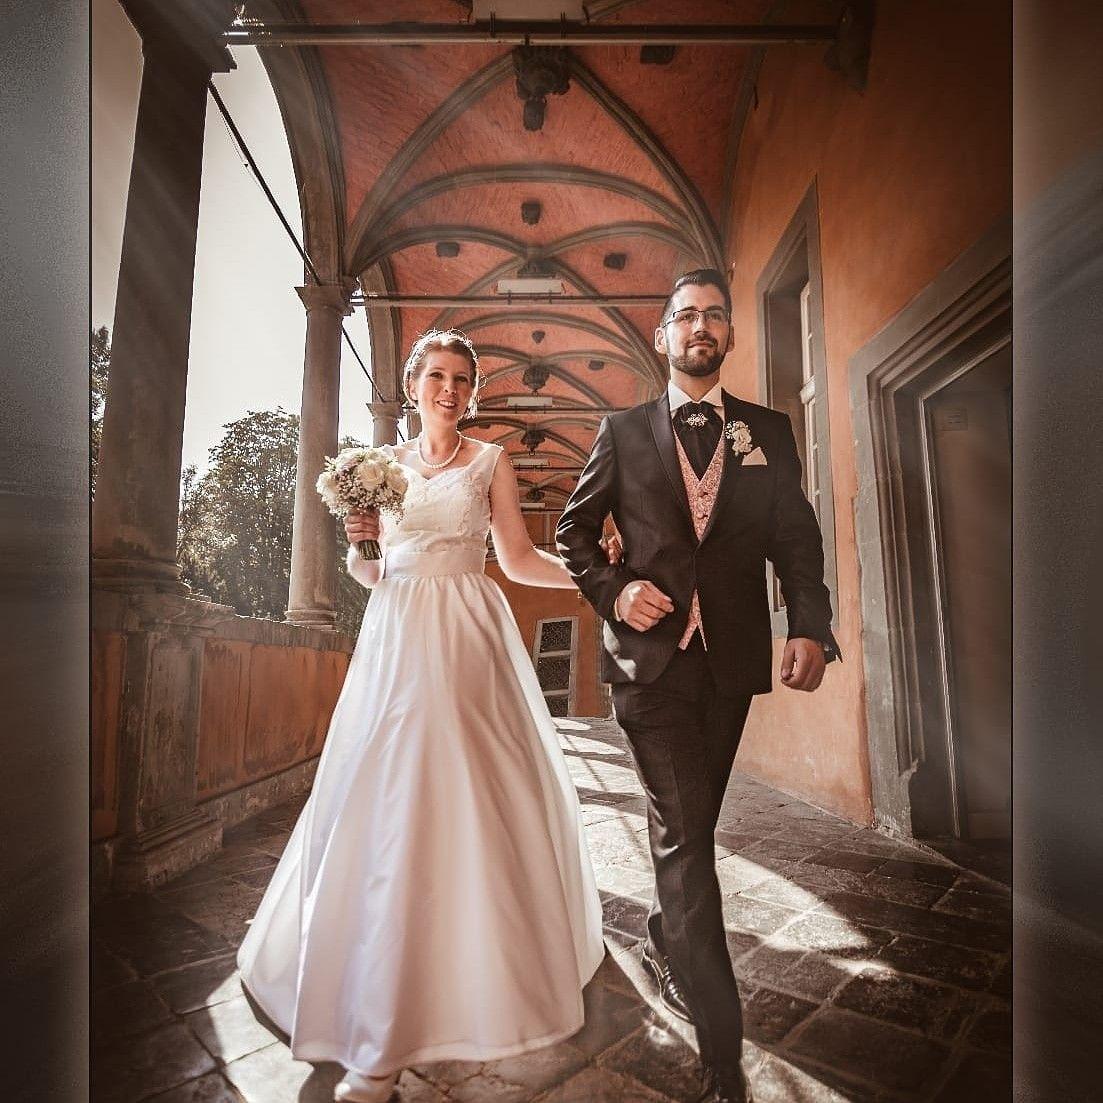 Heiraten auf Schloß Rheydt in Mönchengladbach | Wedding